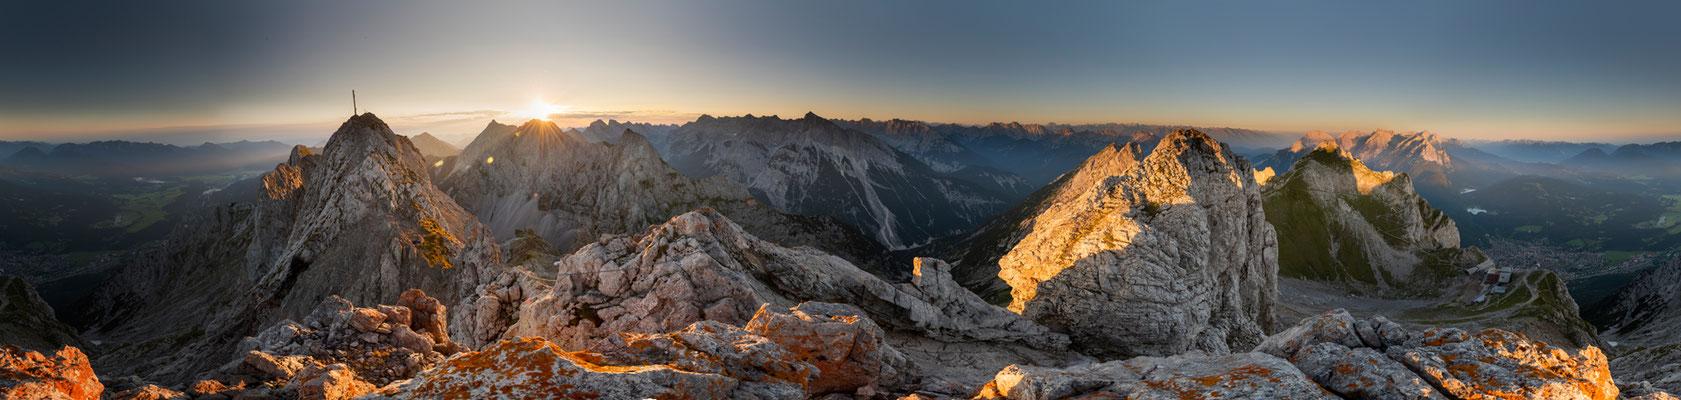 Sonnenaufgang über dem Karwendel, westl. Karwendelspitze / Deutschland (Bildnummer 180727)